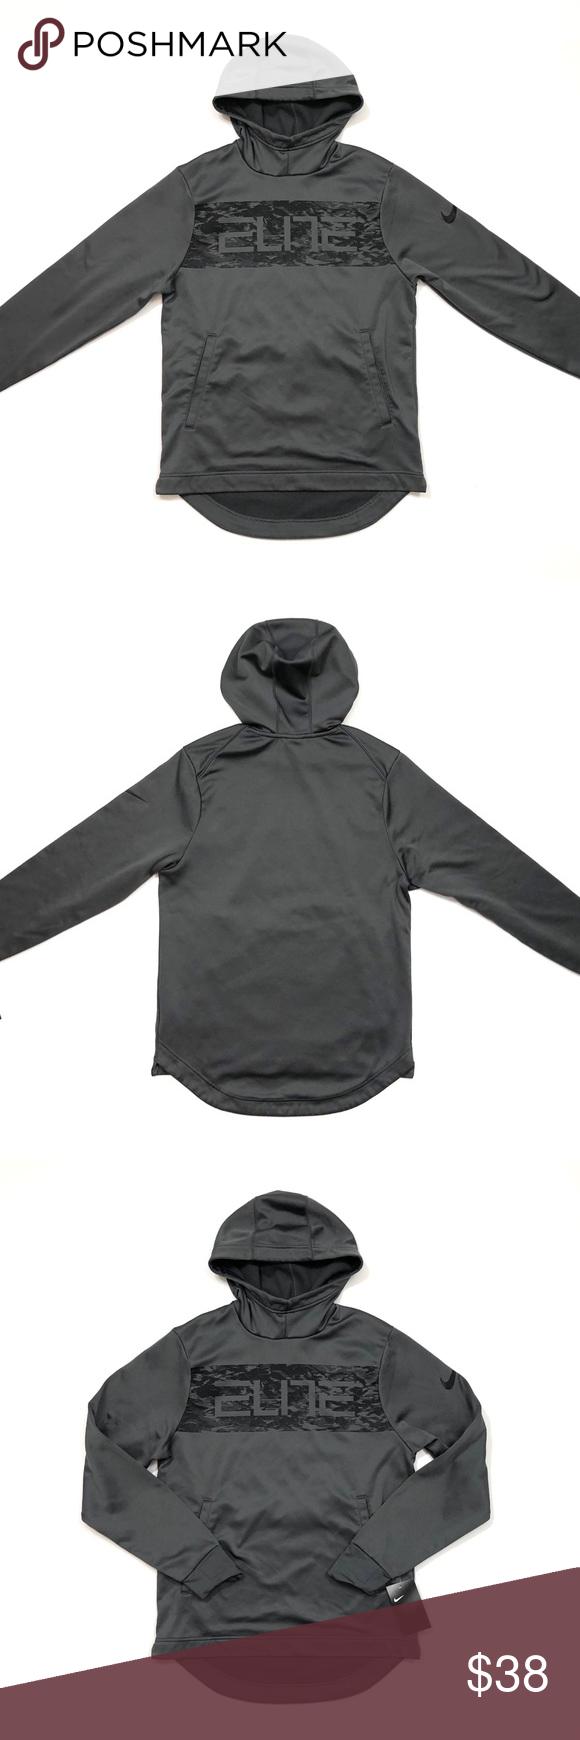 Men S Nike Dri Fit Elite Hoodie Hoodie Brands Hoodies Nike Dri Fit [ 1740 x 580 Pixel ]